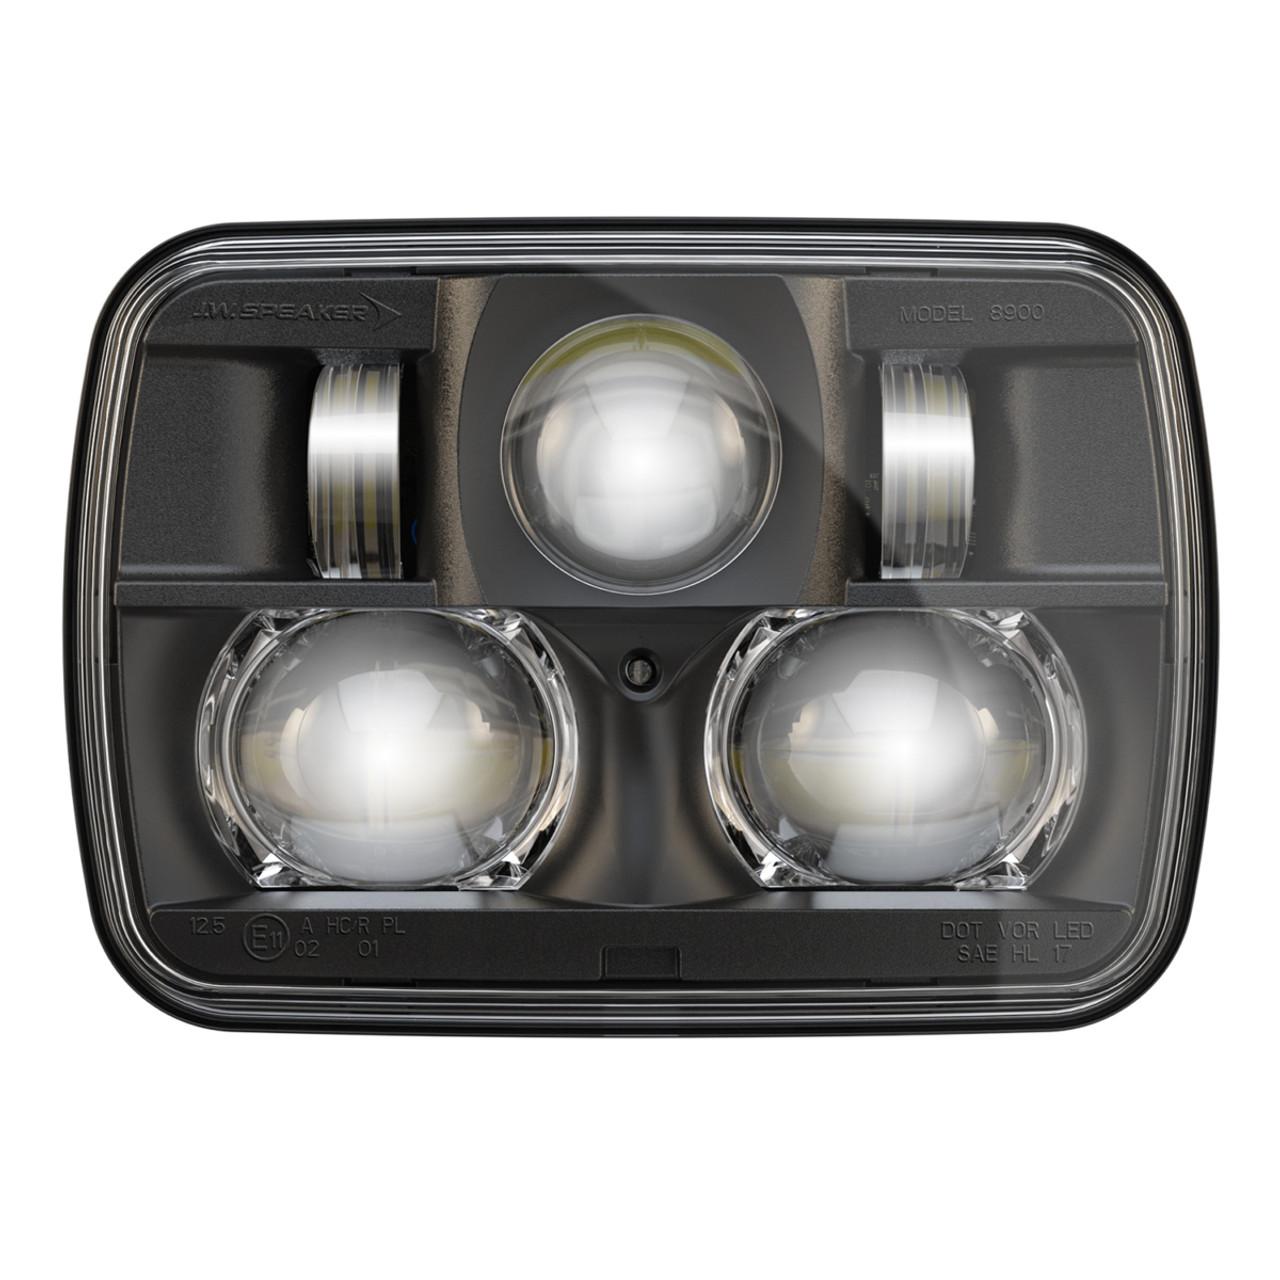 jw speaker 8900 evolution 2 dual beam 5 x 7 black headlight [ 1280 x 1280 Pixel ]